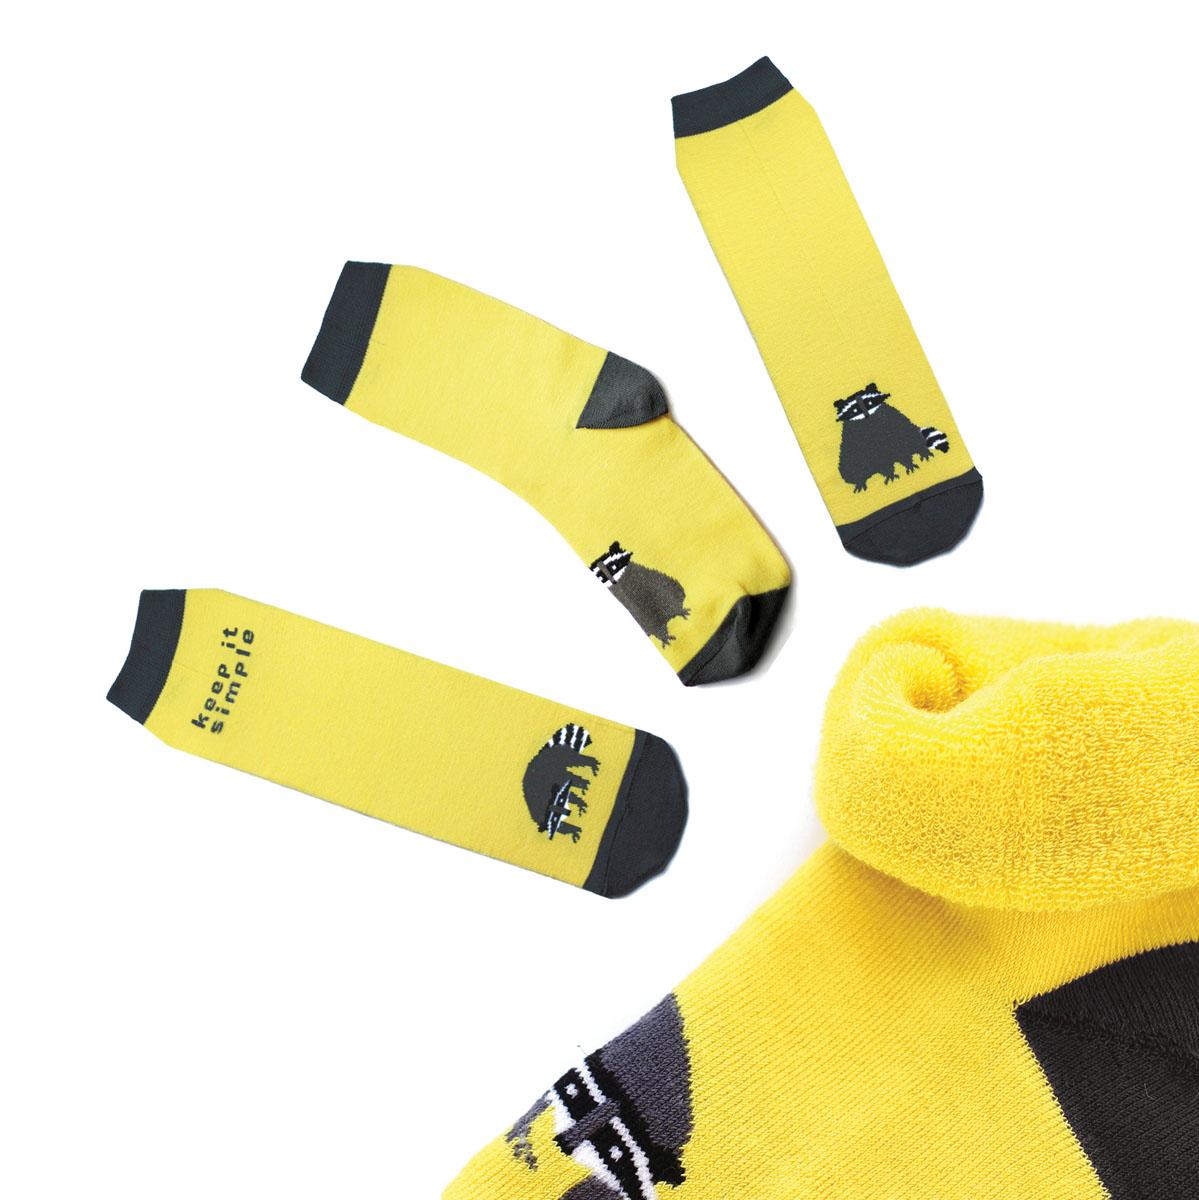 Носкиca1233_махровыеМужские махровые носки Big Bang Socks изготовлены из высококачественного хлопка с добавлением полиамидных и эластановых волокон, которые обеспечивают великолепную посадку. Носки отличаются ярким стильным дизайном, они оформлены изображением енота и надписью: Keep it simple. Удобная широкая резинка идеально облегает ногу и не пережимает сосуды, усиленные пятка и мысок повышают износоустойчивость носка, а удлиненный паголенок придает более эстетичный вид. Дизайнерские носки Big Bang Socks - яркая деталь в вашем образе и оригинальный подарок для друзей и близких.